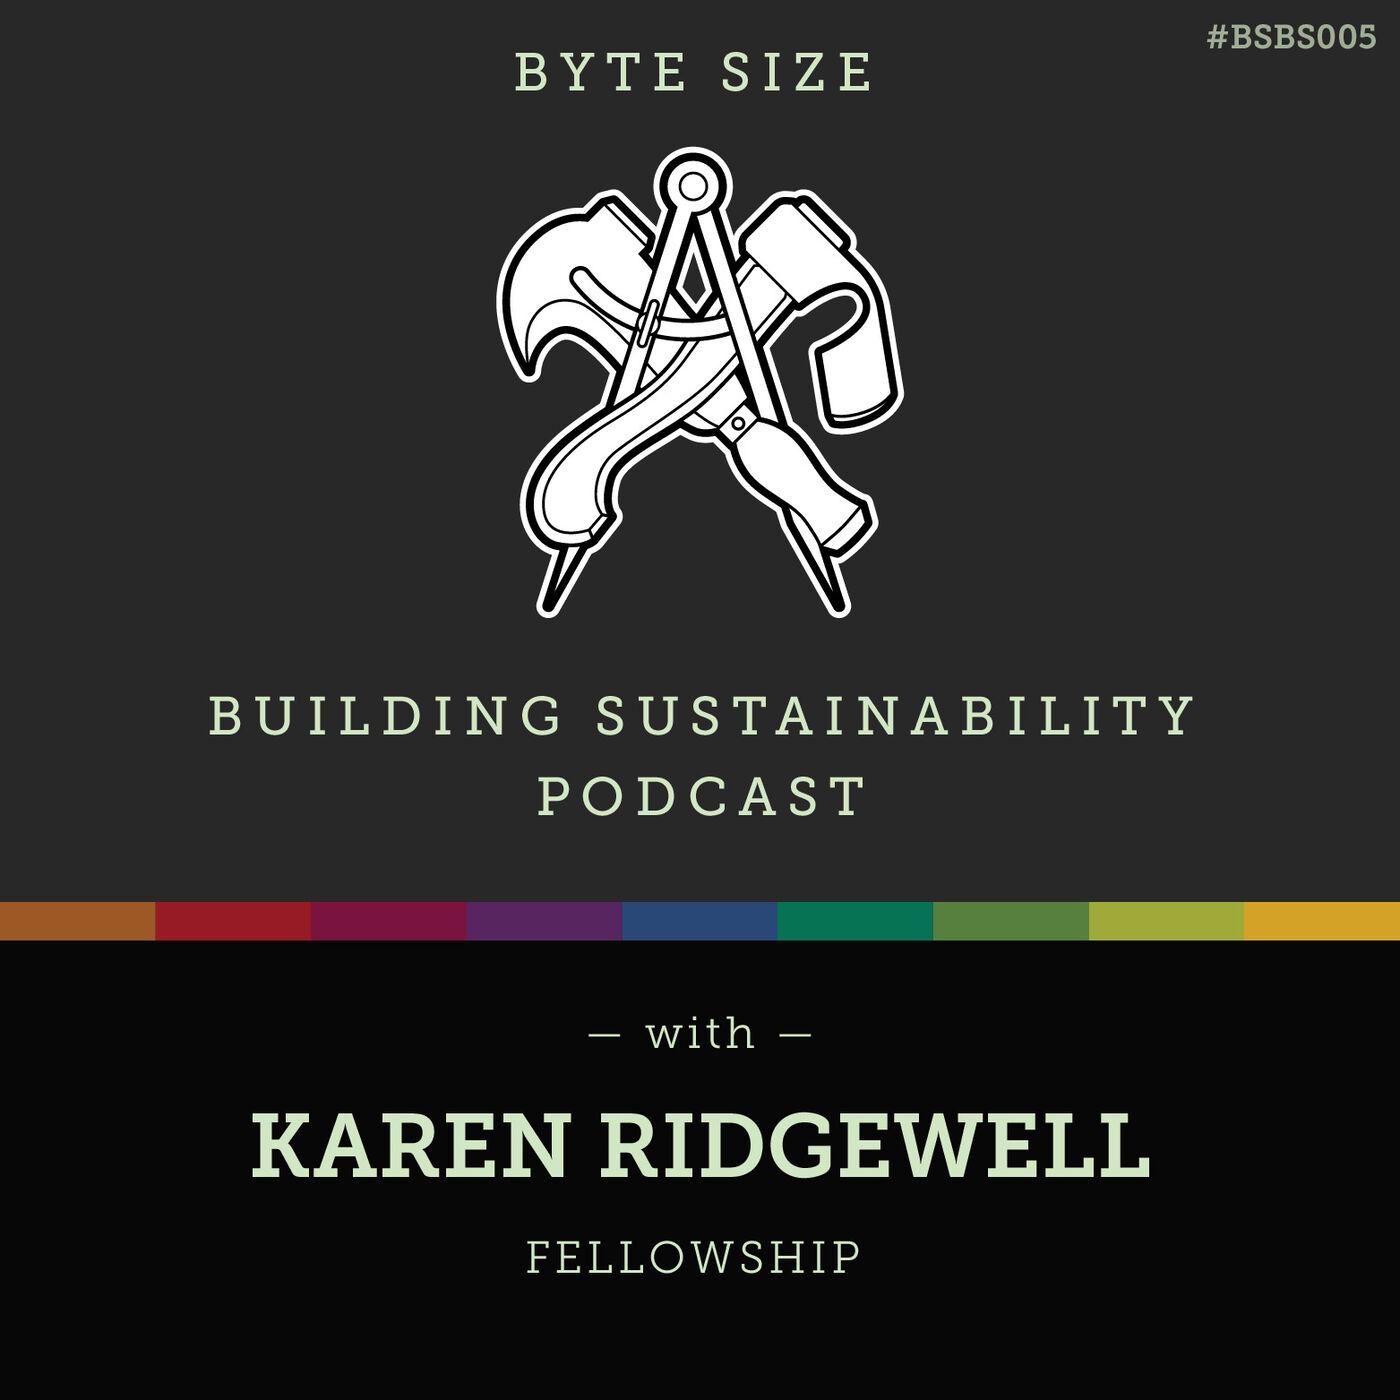 ByteSize - Fellowship within sustainability  - Karen Ridgewell - BSBS005